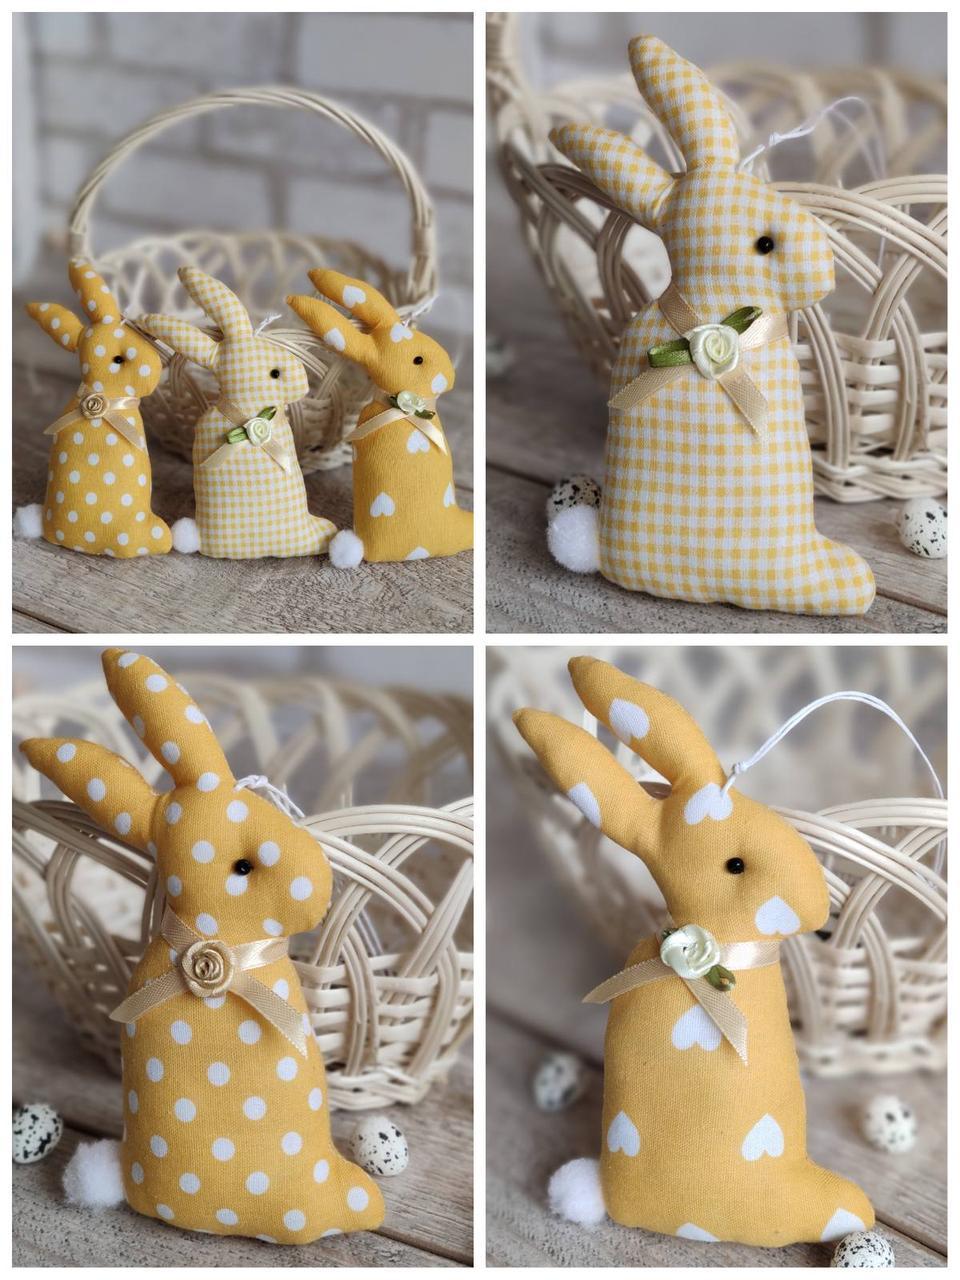 Кролик ручної роботи до Великодня, пасхальний, іграшковий, текстильний, 15 см., 55/45 (цена за 1 шт. + 10 гр.)